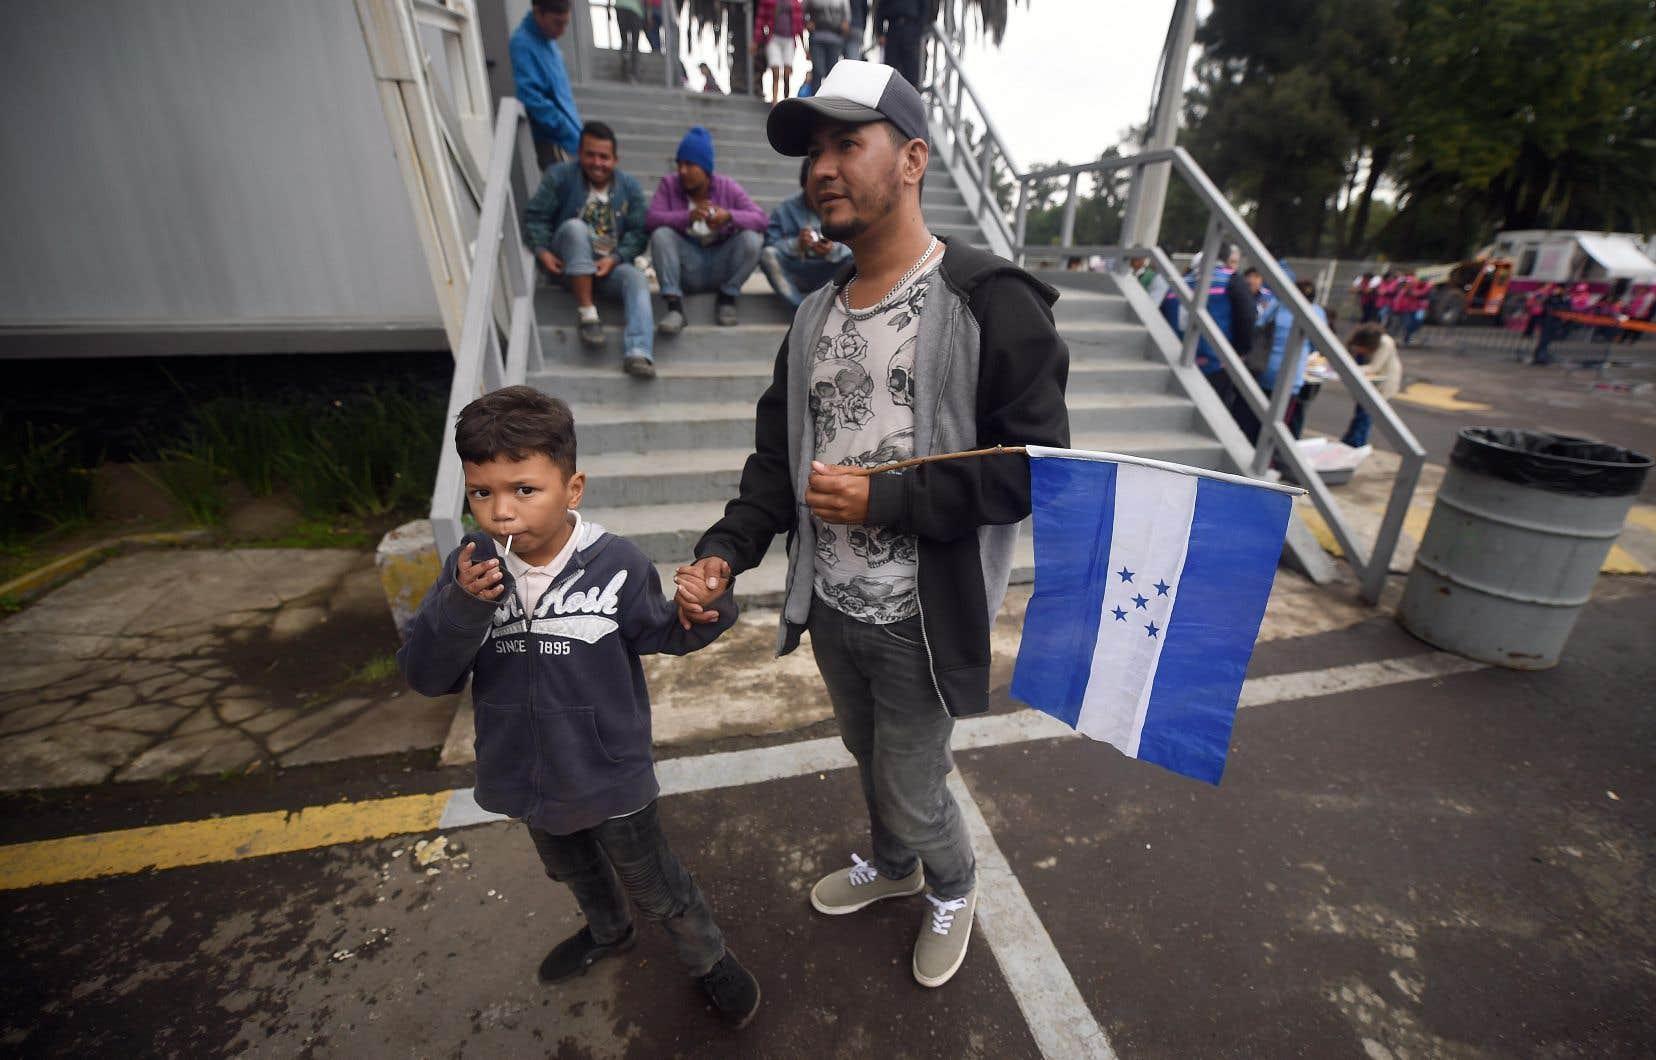 La caravane de quelque 4000 migrants provenant de l'Amérique centrale, surtout du Honduras, a fait un arrêt dimanche à Mexico, capitale du Mexique.